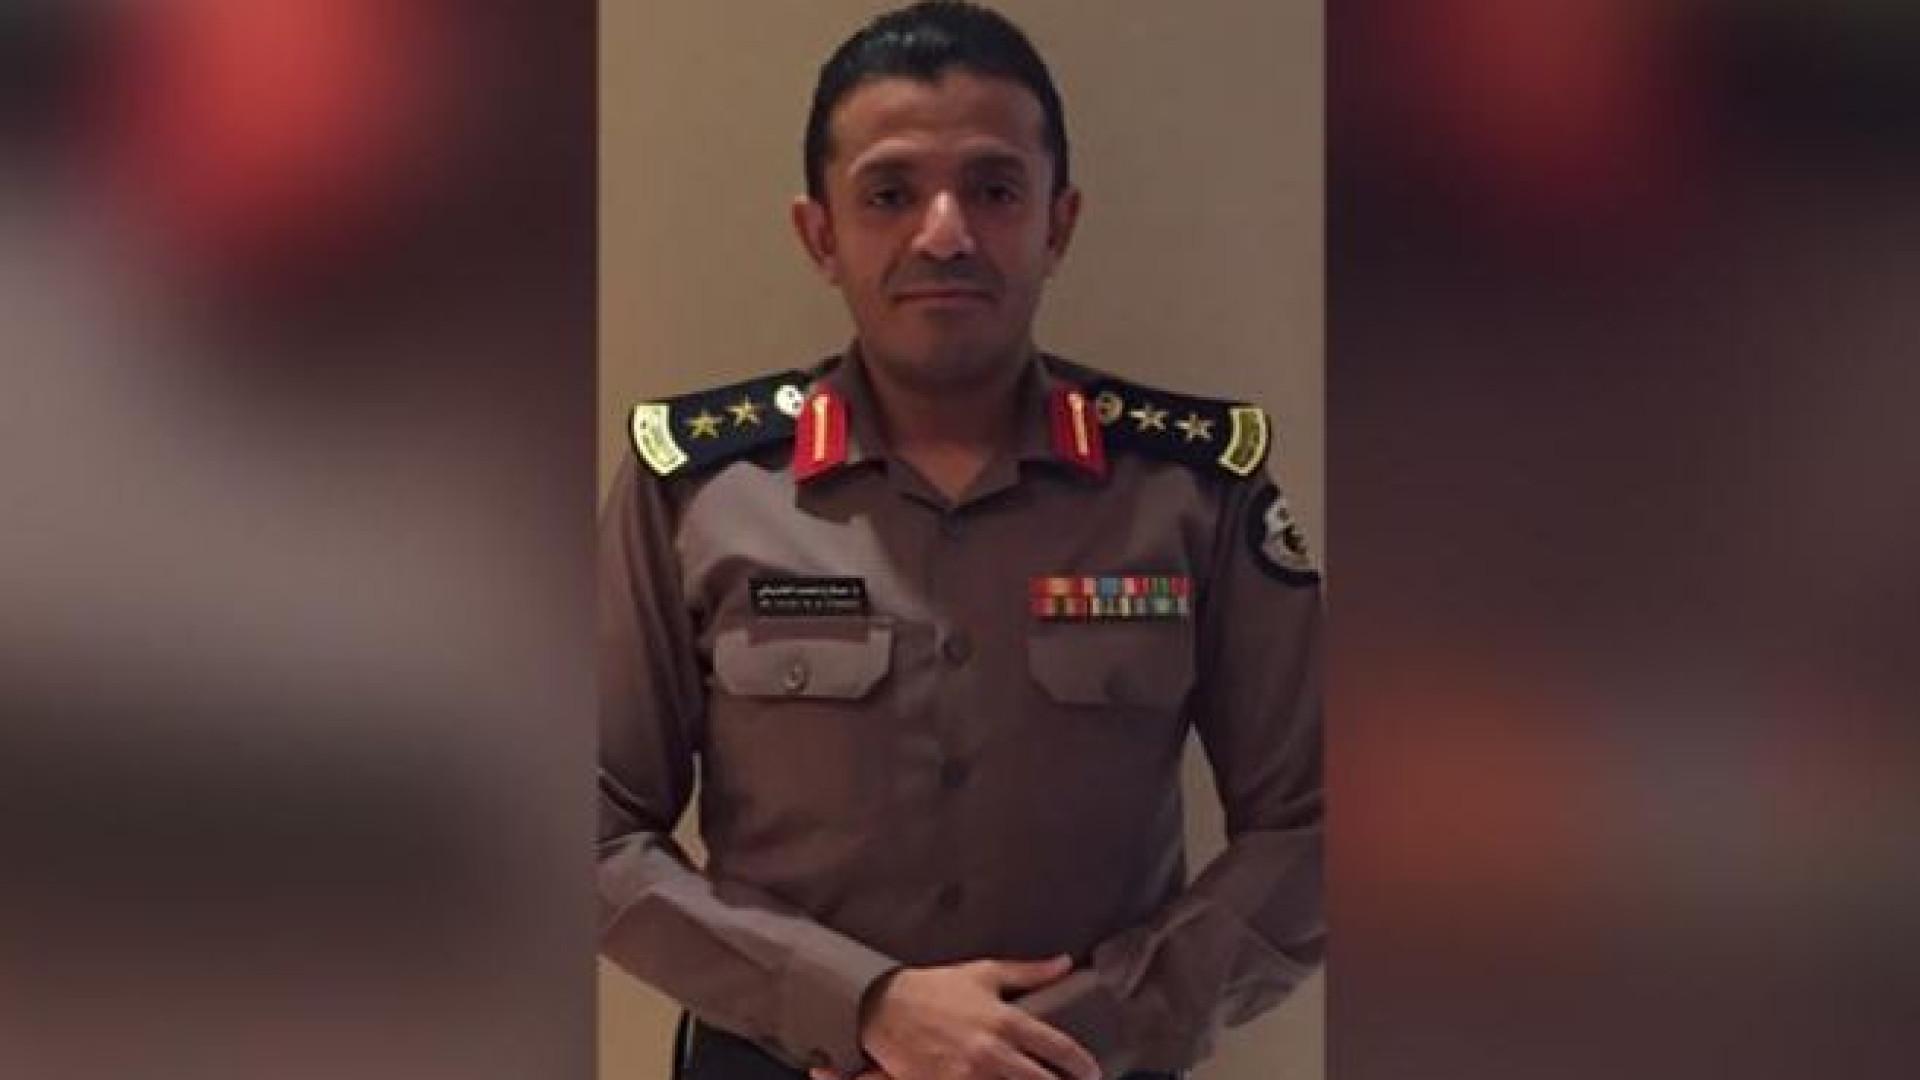 Jornalista saudida foi esquartejado em apenas 7 minutos, diz jornal